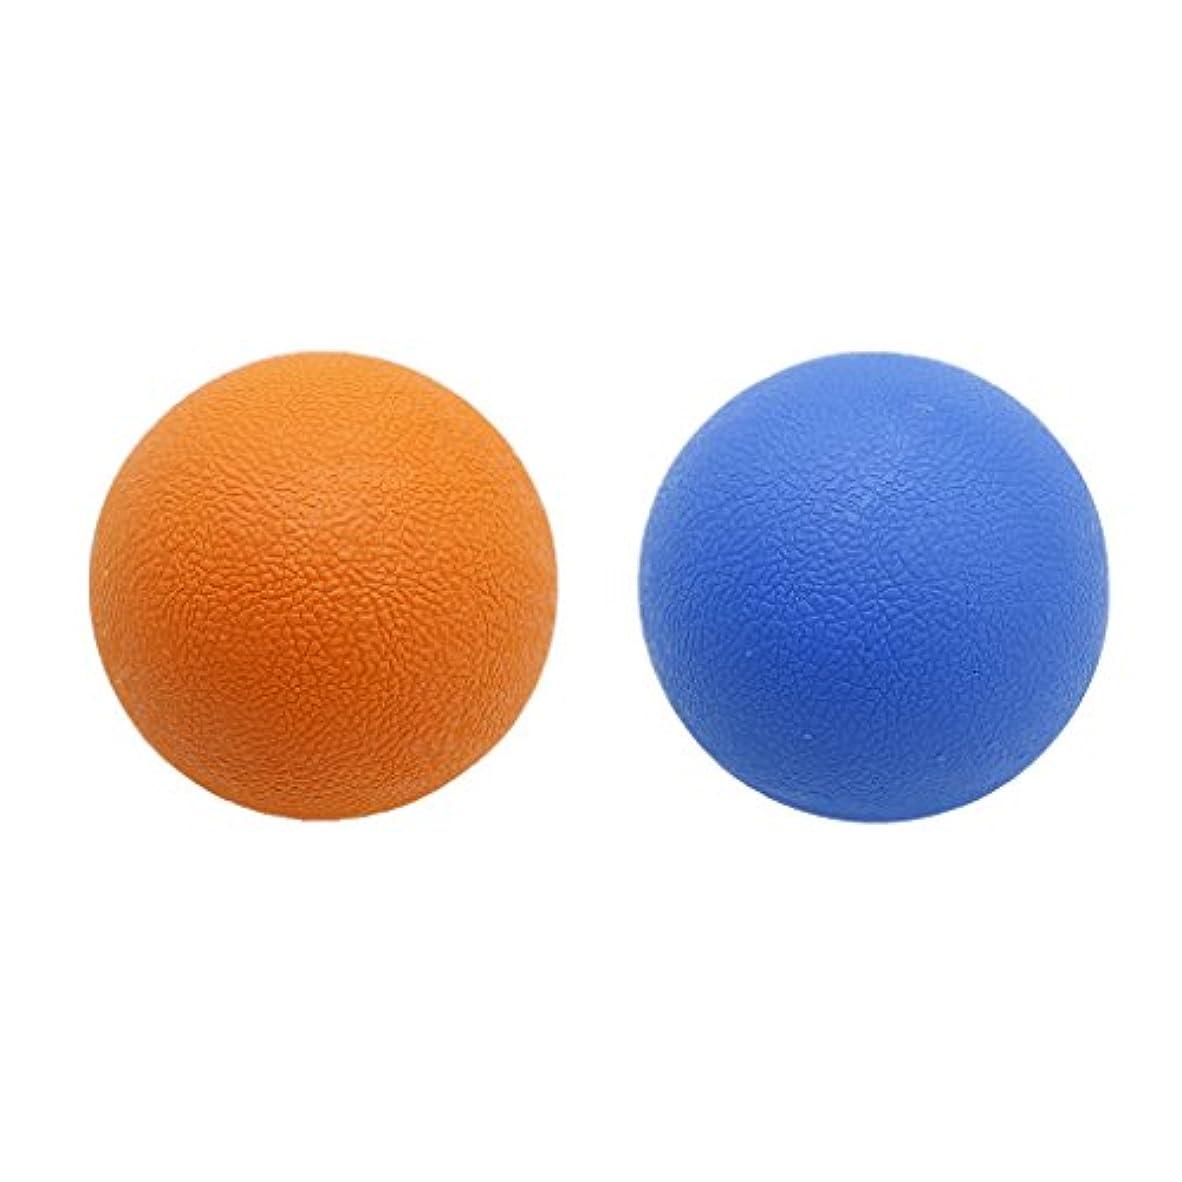 キャッシュ司法デジタル2個 マッサージボール ストレッチボール トリガーポイント トレーニング マッサージ リラックス 便利 多色選べる - オレンジブルー